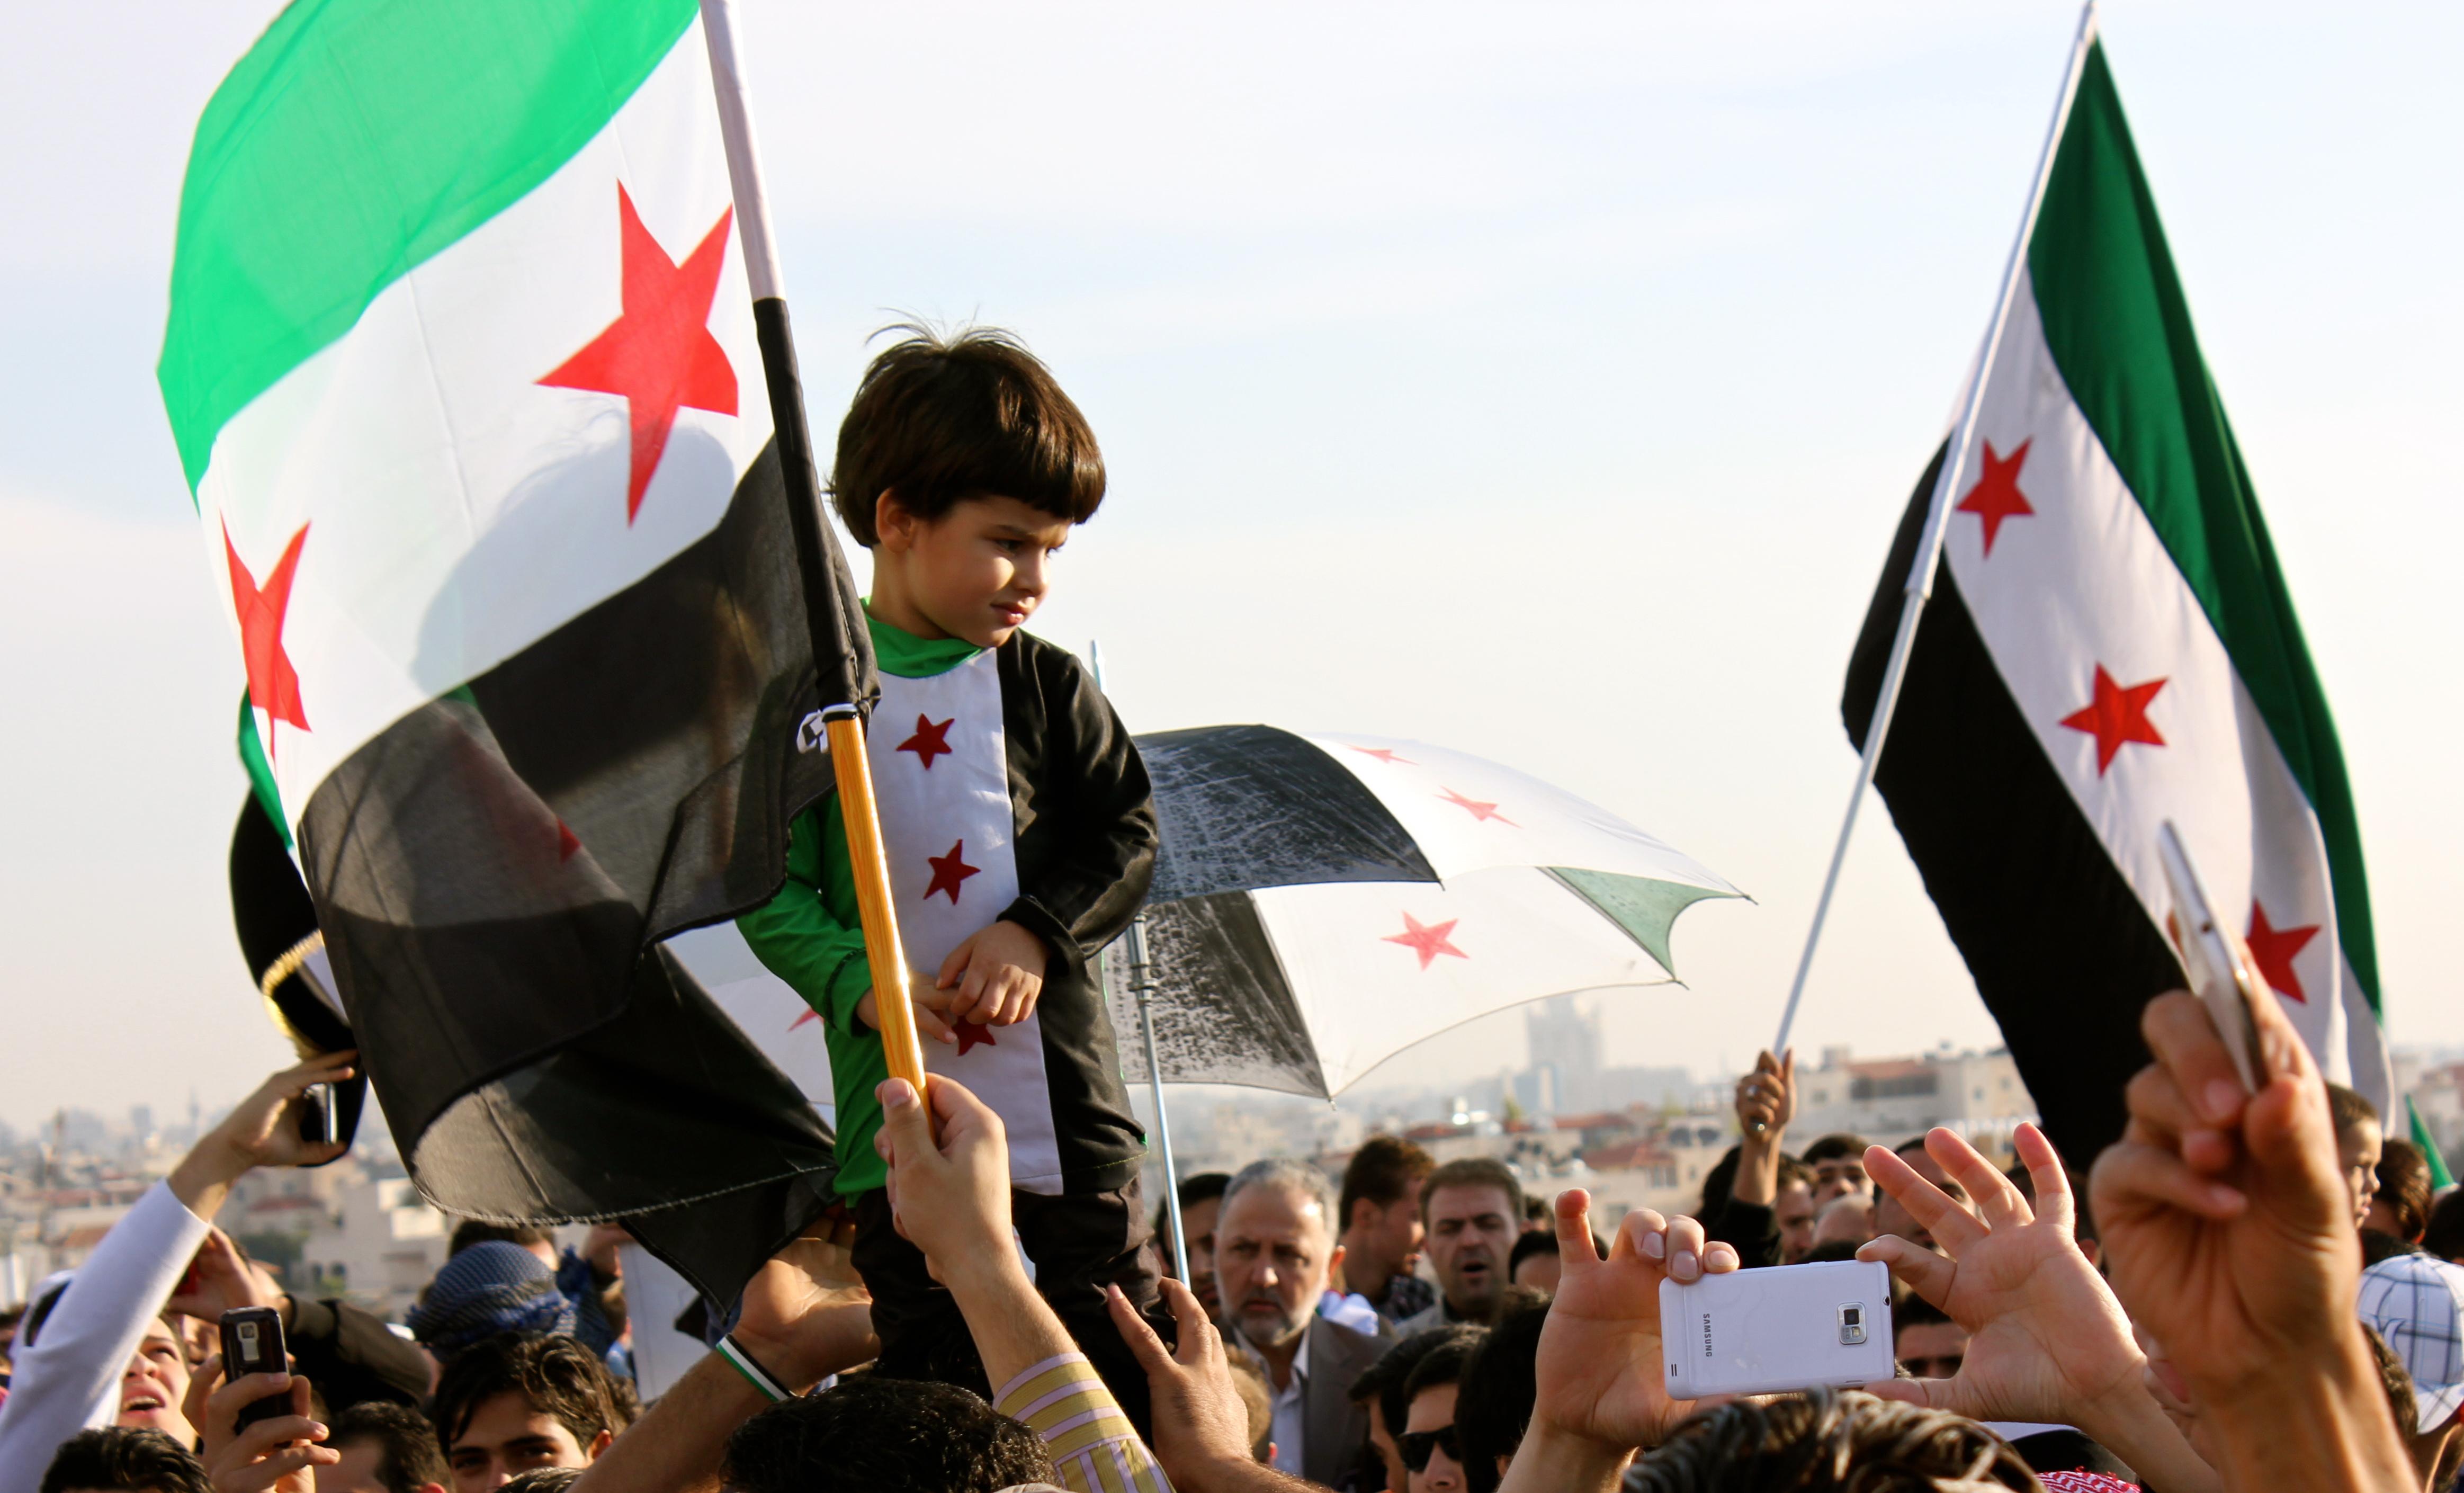 هل انتهت الثورة السورية؟